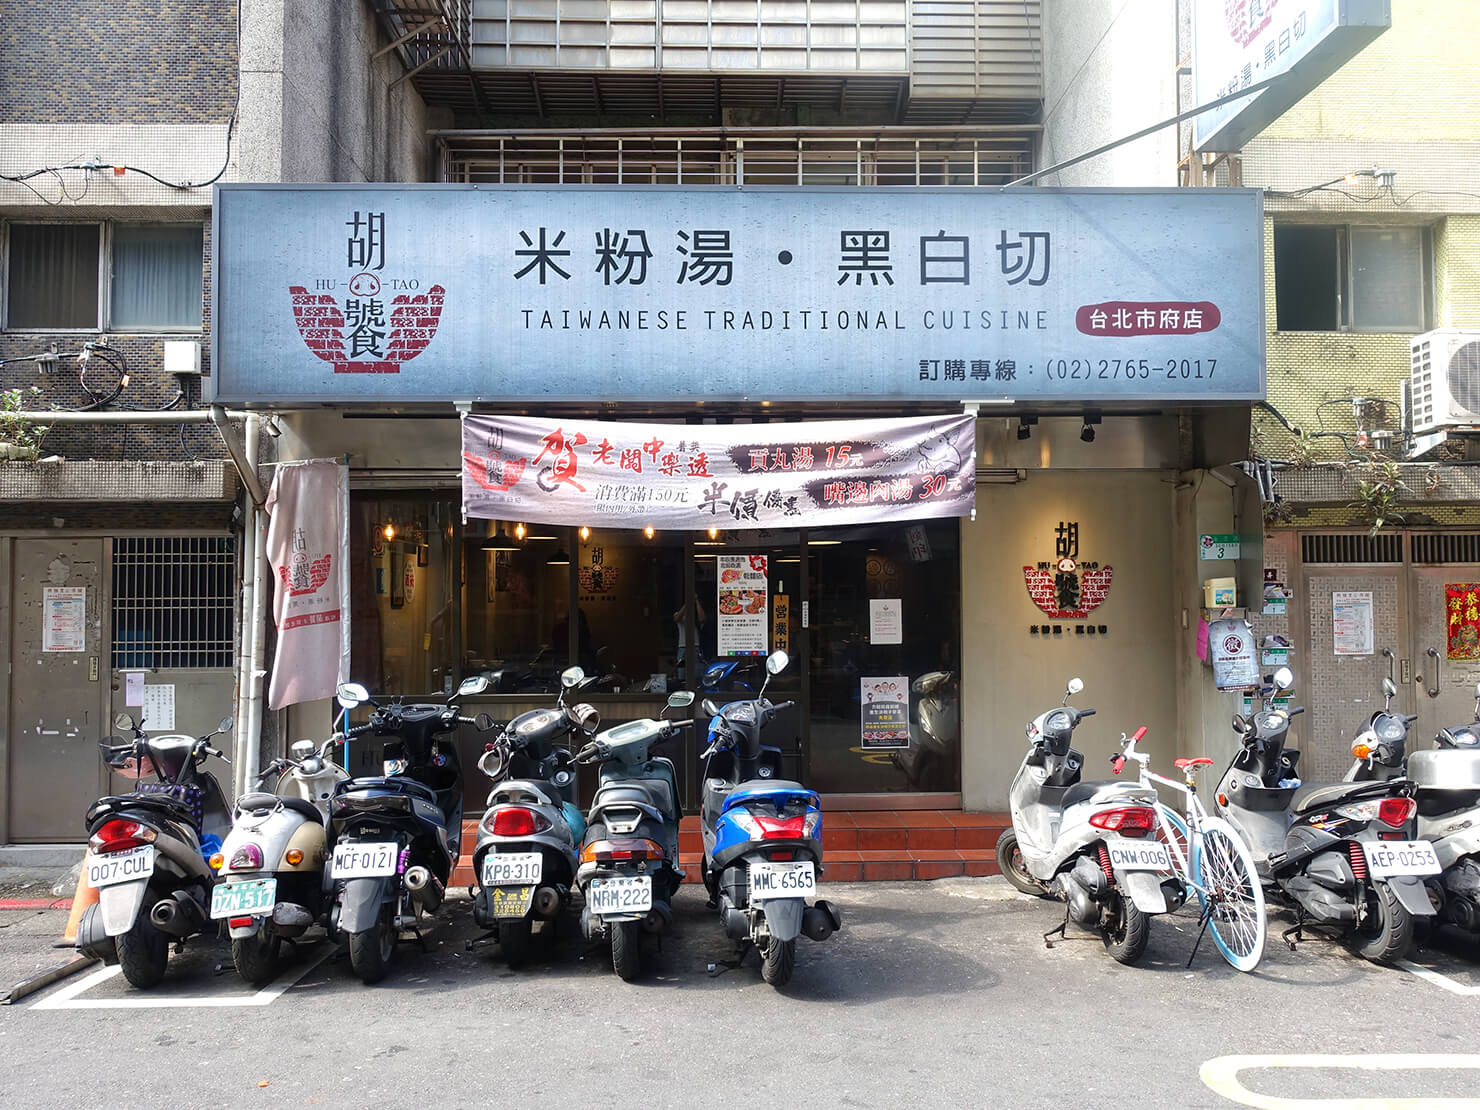 台北101エリア・MRT市政府駅周辺のおすすめグルメ店「胡饕米粉湯」の外観